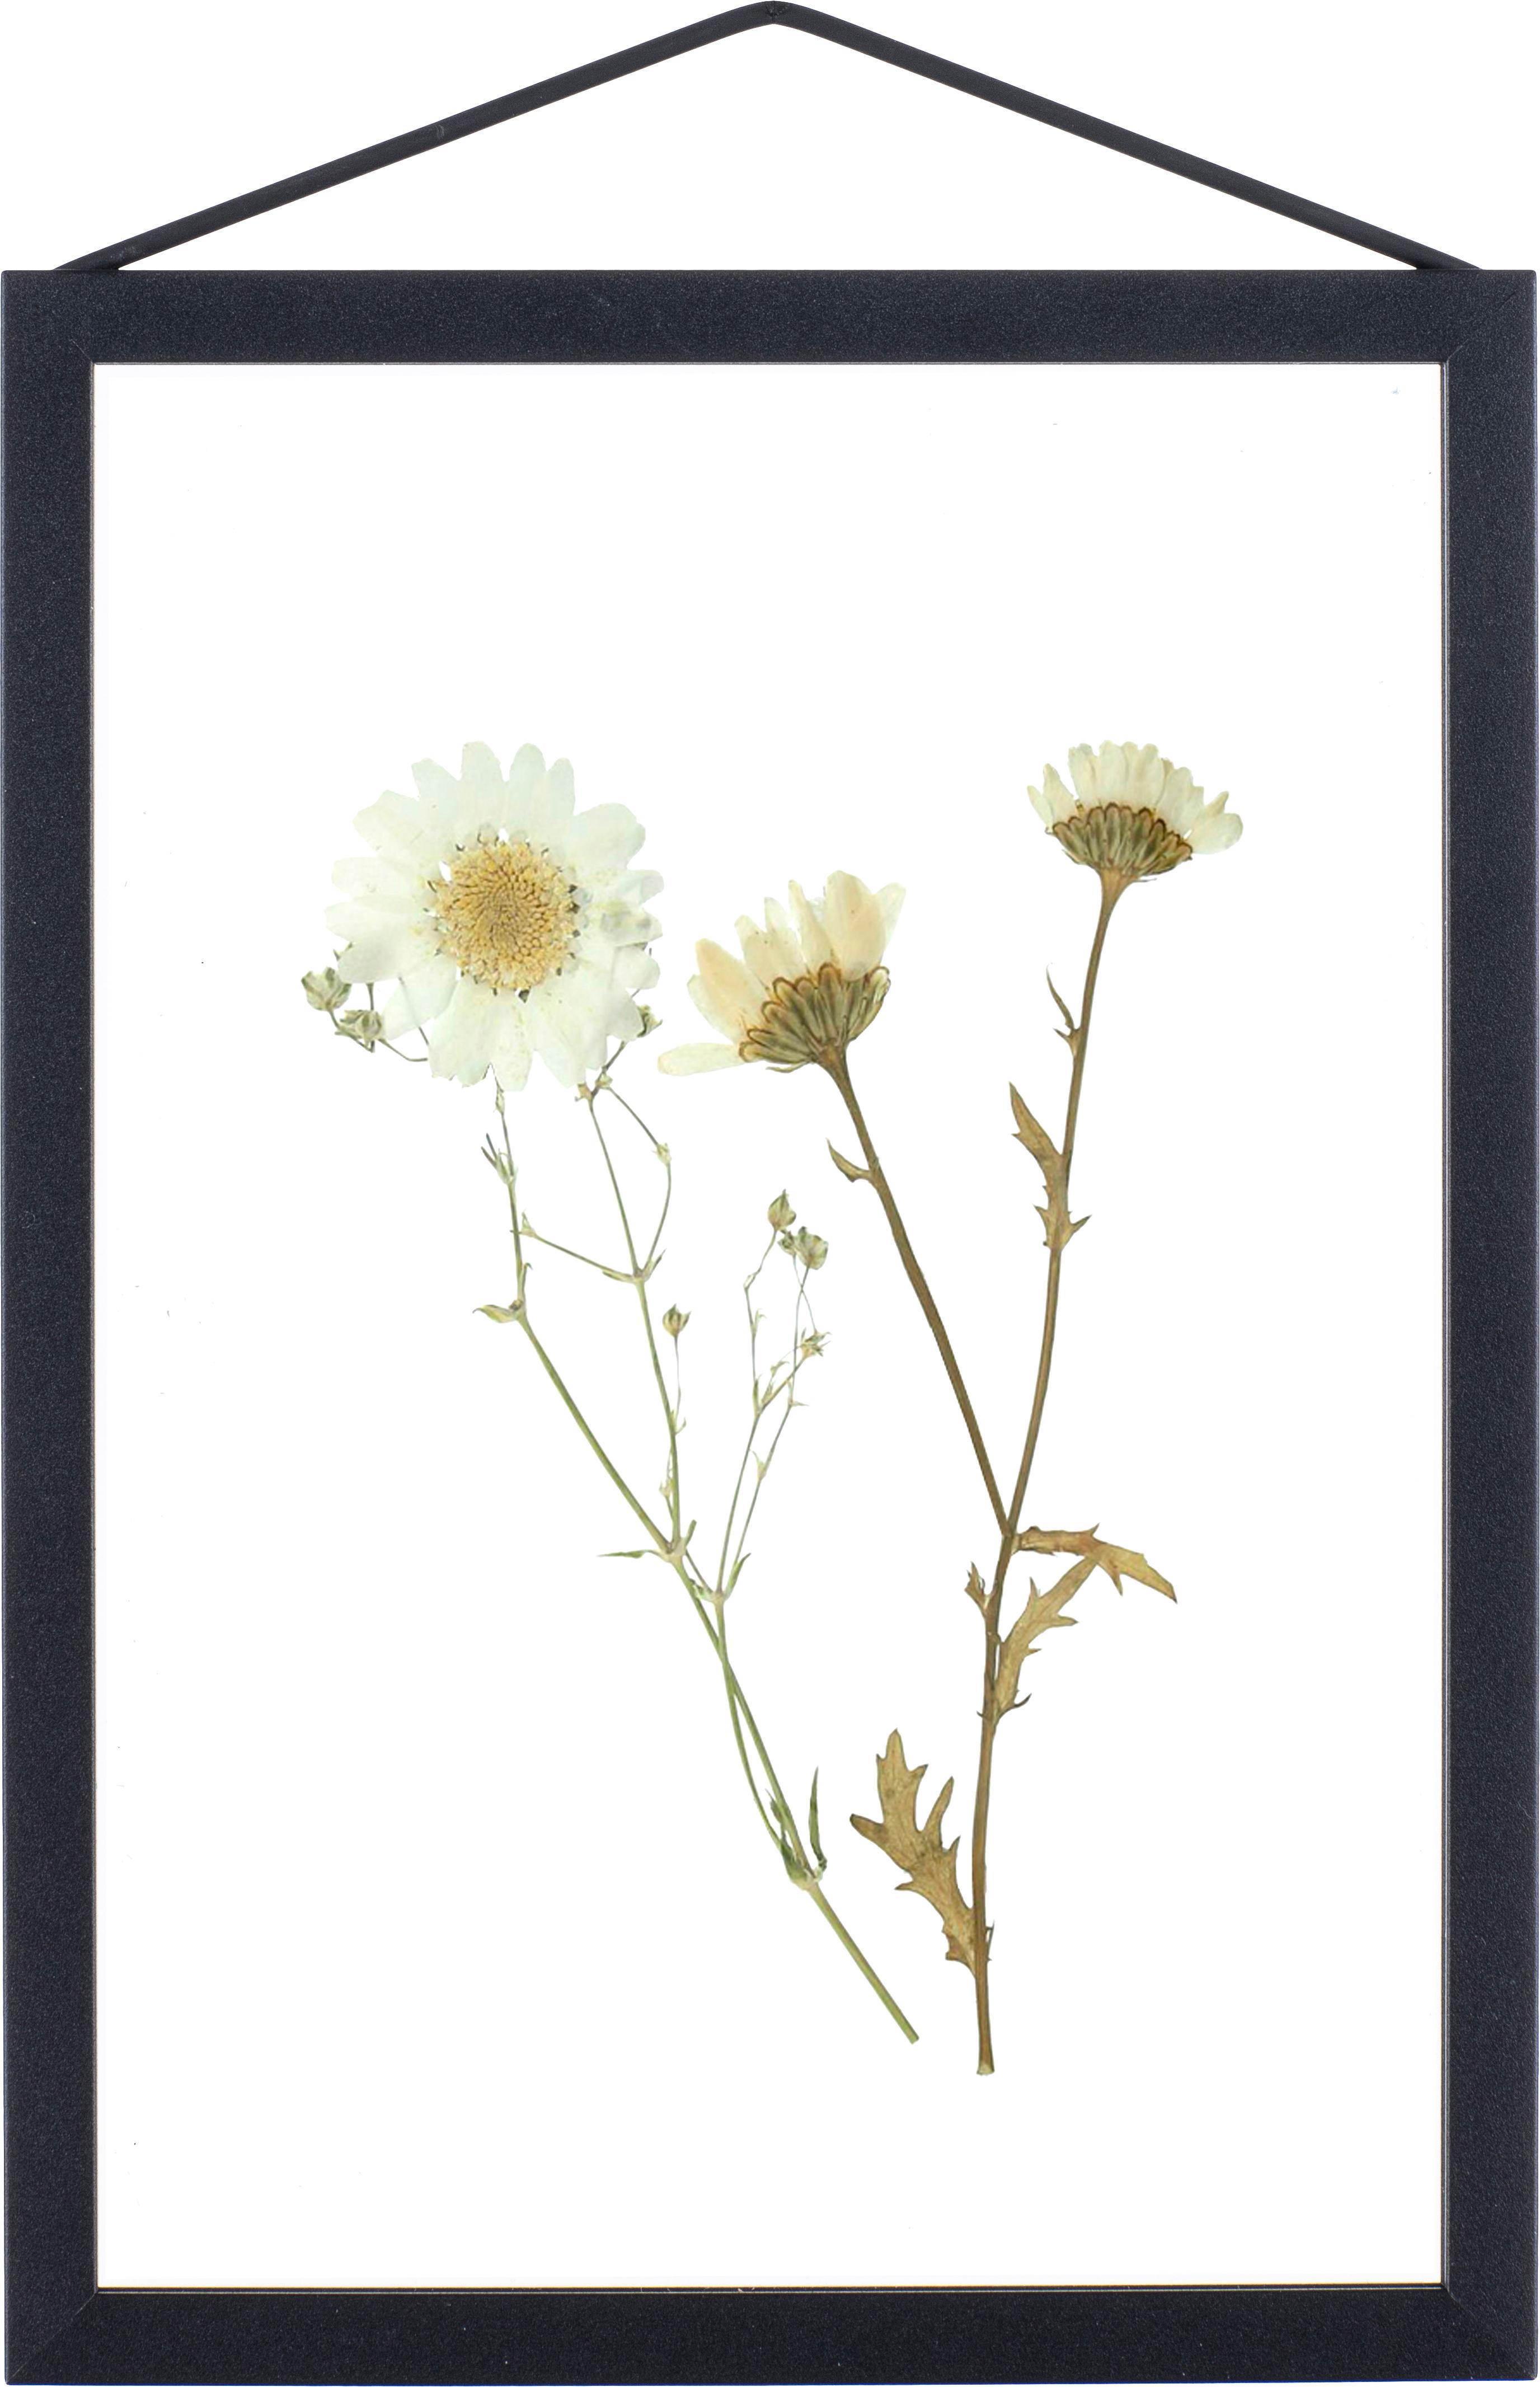 Bilderrahmen Frame, Rahmen: Aluminium, pulverbeschich, Rahmen: Schwarz<br>Aufhängung: Schwarz<br>Front und Rückseite: Transparent, 17 x 23 cm